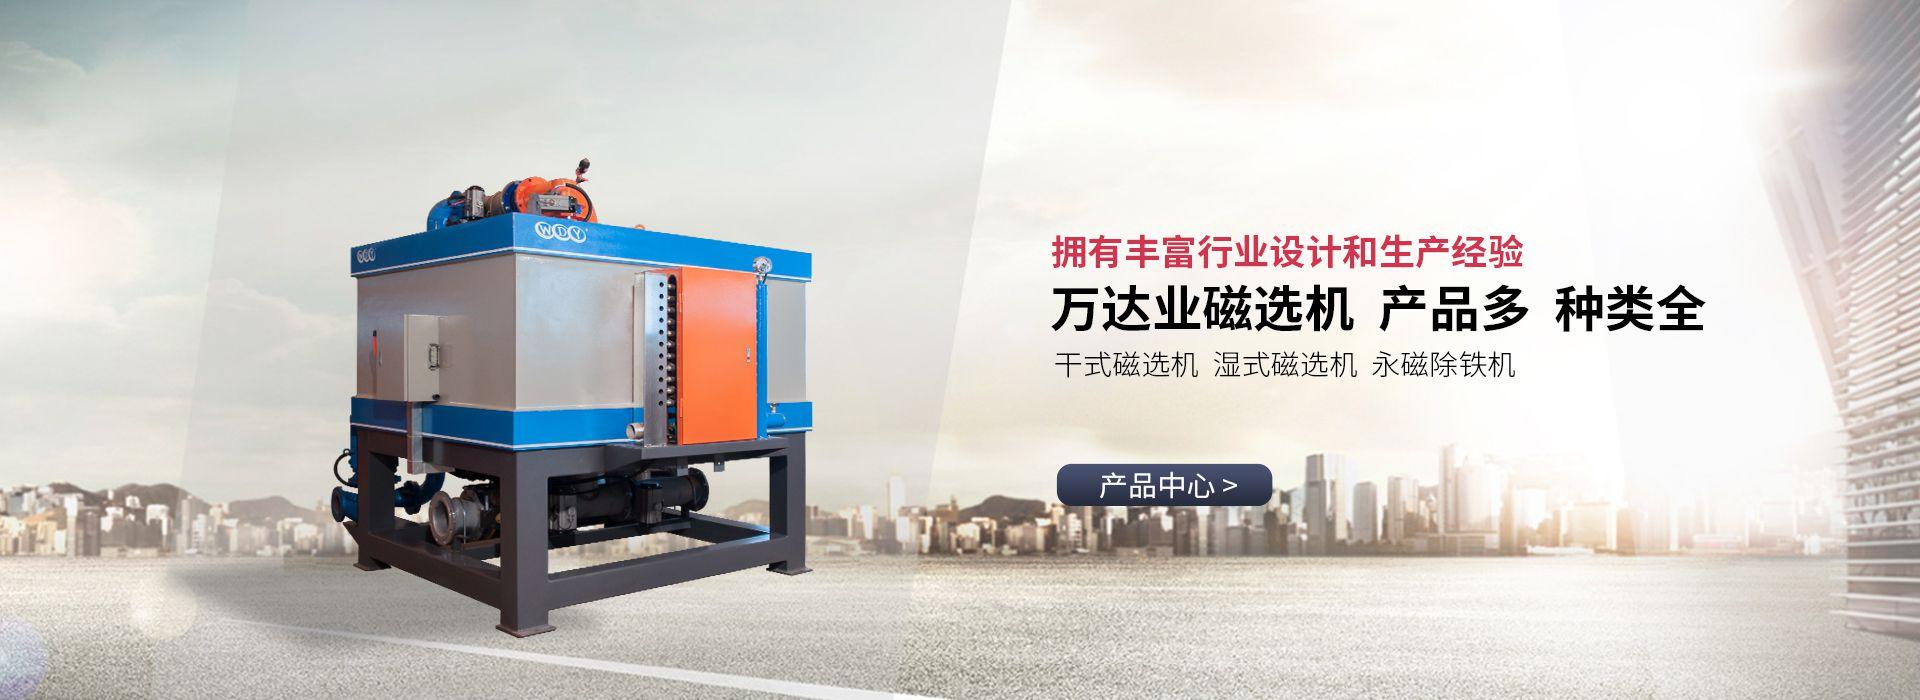 s10英雄联meng下zhu平台 yong有fengfu除铁设备行业设计和s10英雄联meng下zhu平台jing验